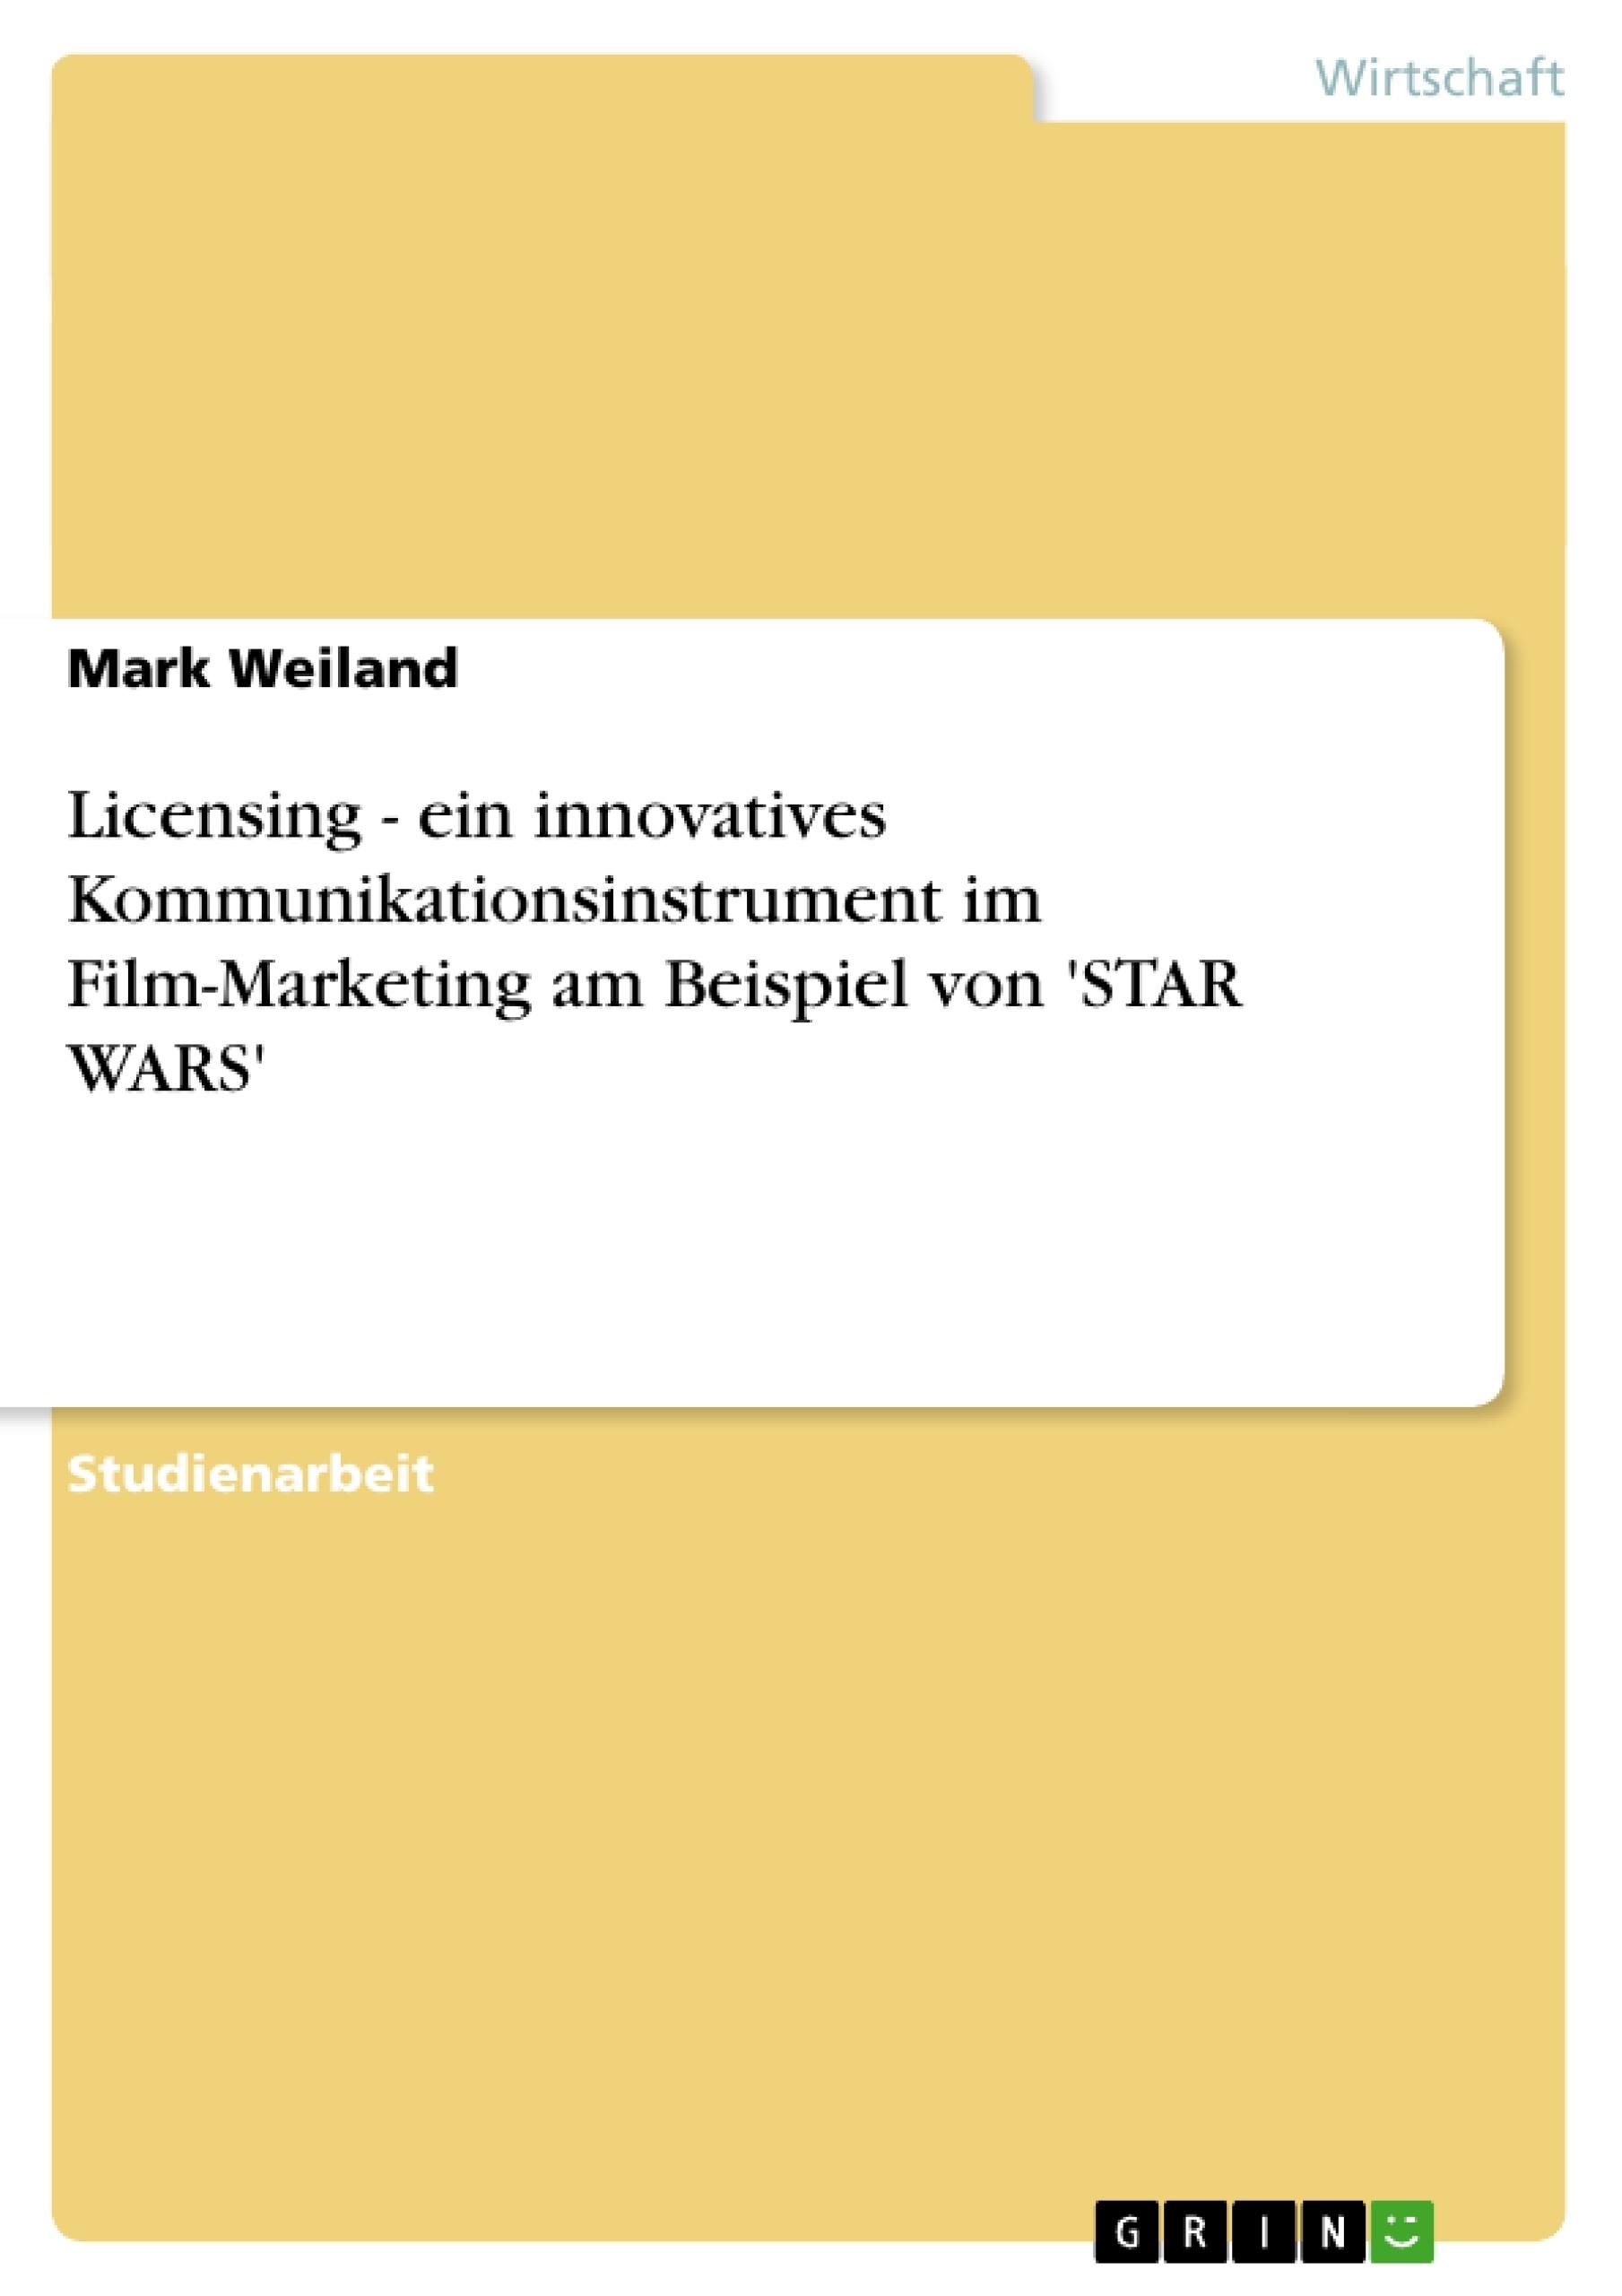 Titel: Licensing - ein innovatives Kommunikationsinstrument im Film-Marketing am Beispiel von 'STAR WARS'